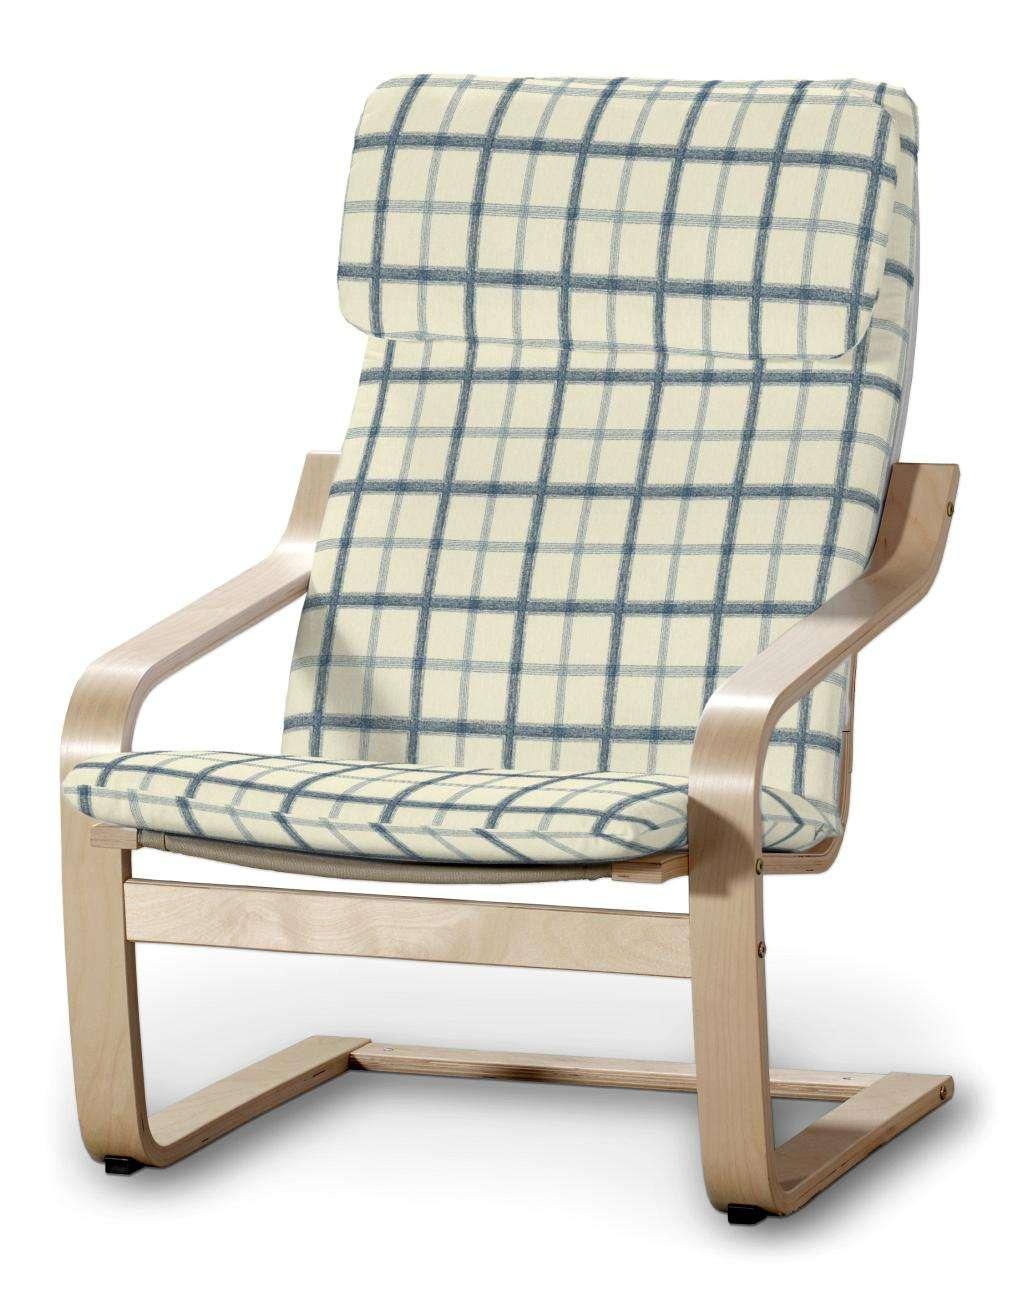 POÄNG  fotelio užvalkalas Poäng armchair kolekcijoje Avinon, audinys: 131-66